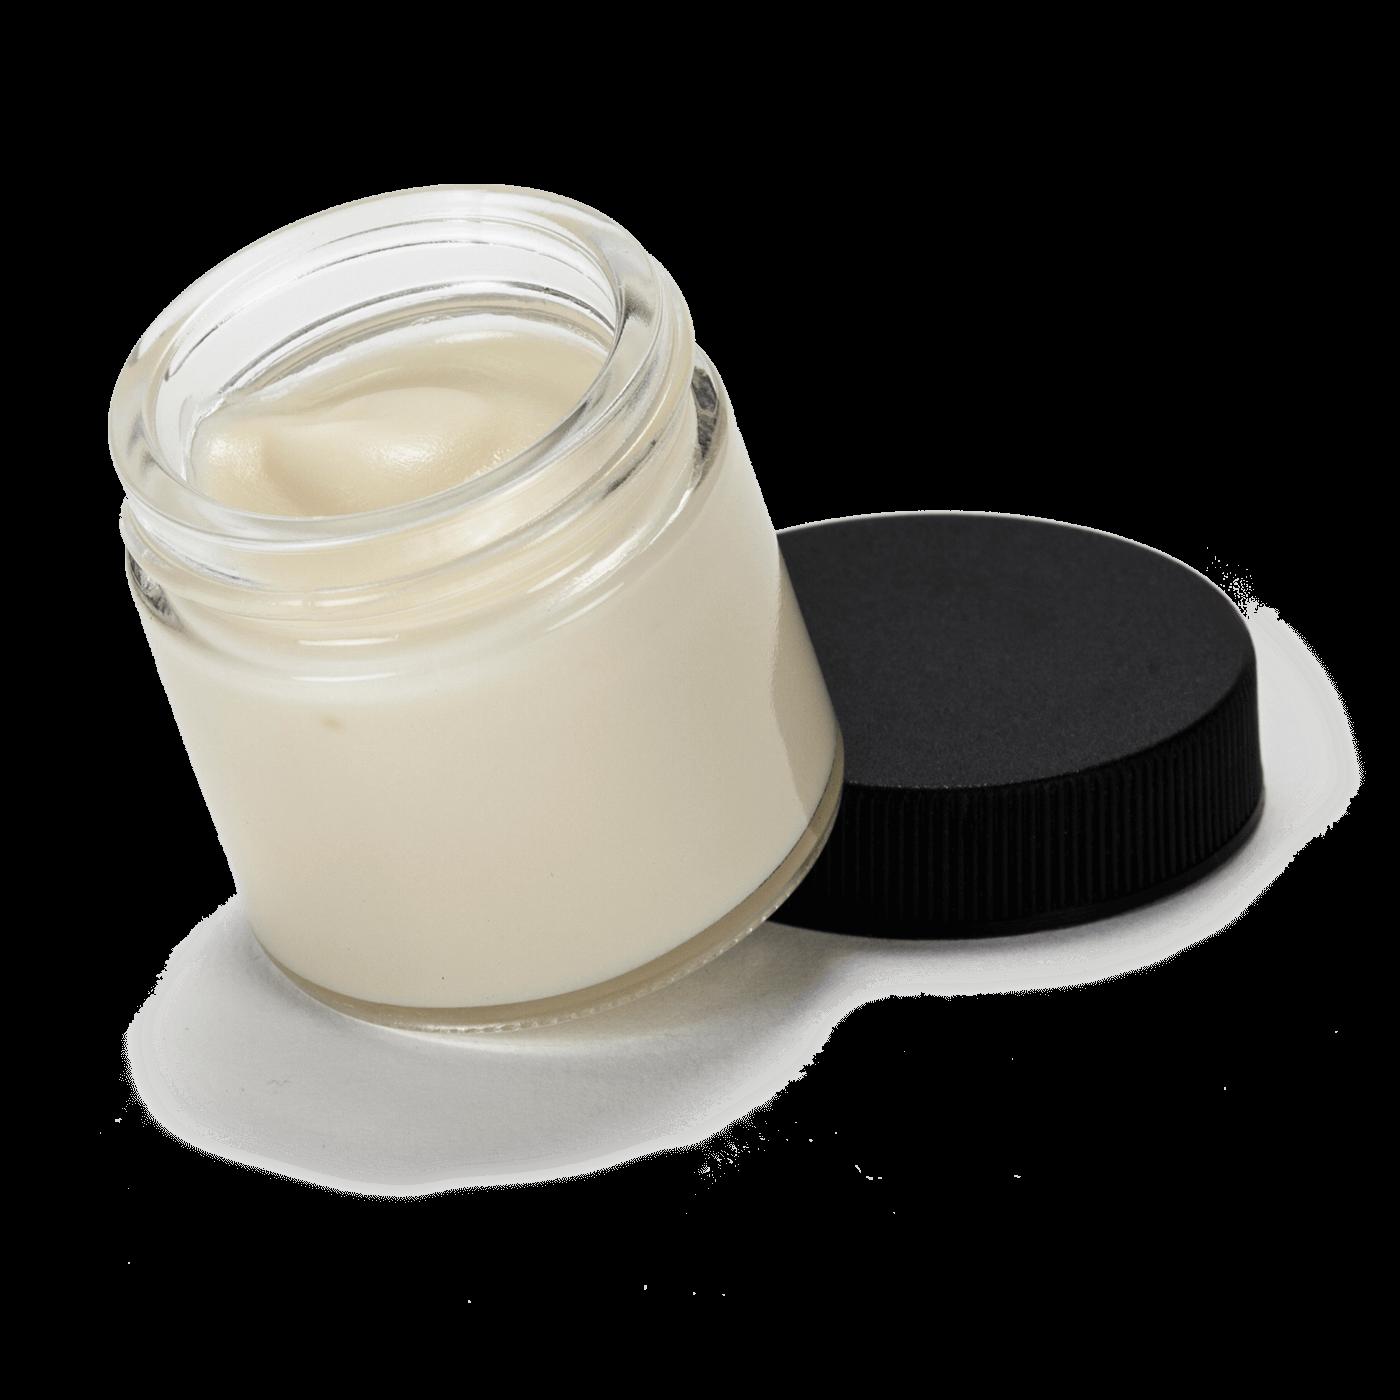 Trị nám với kem trộn giá rẻ sẽ gây tổn hại da